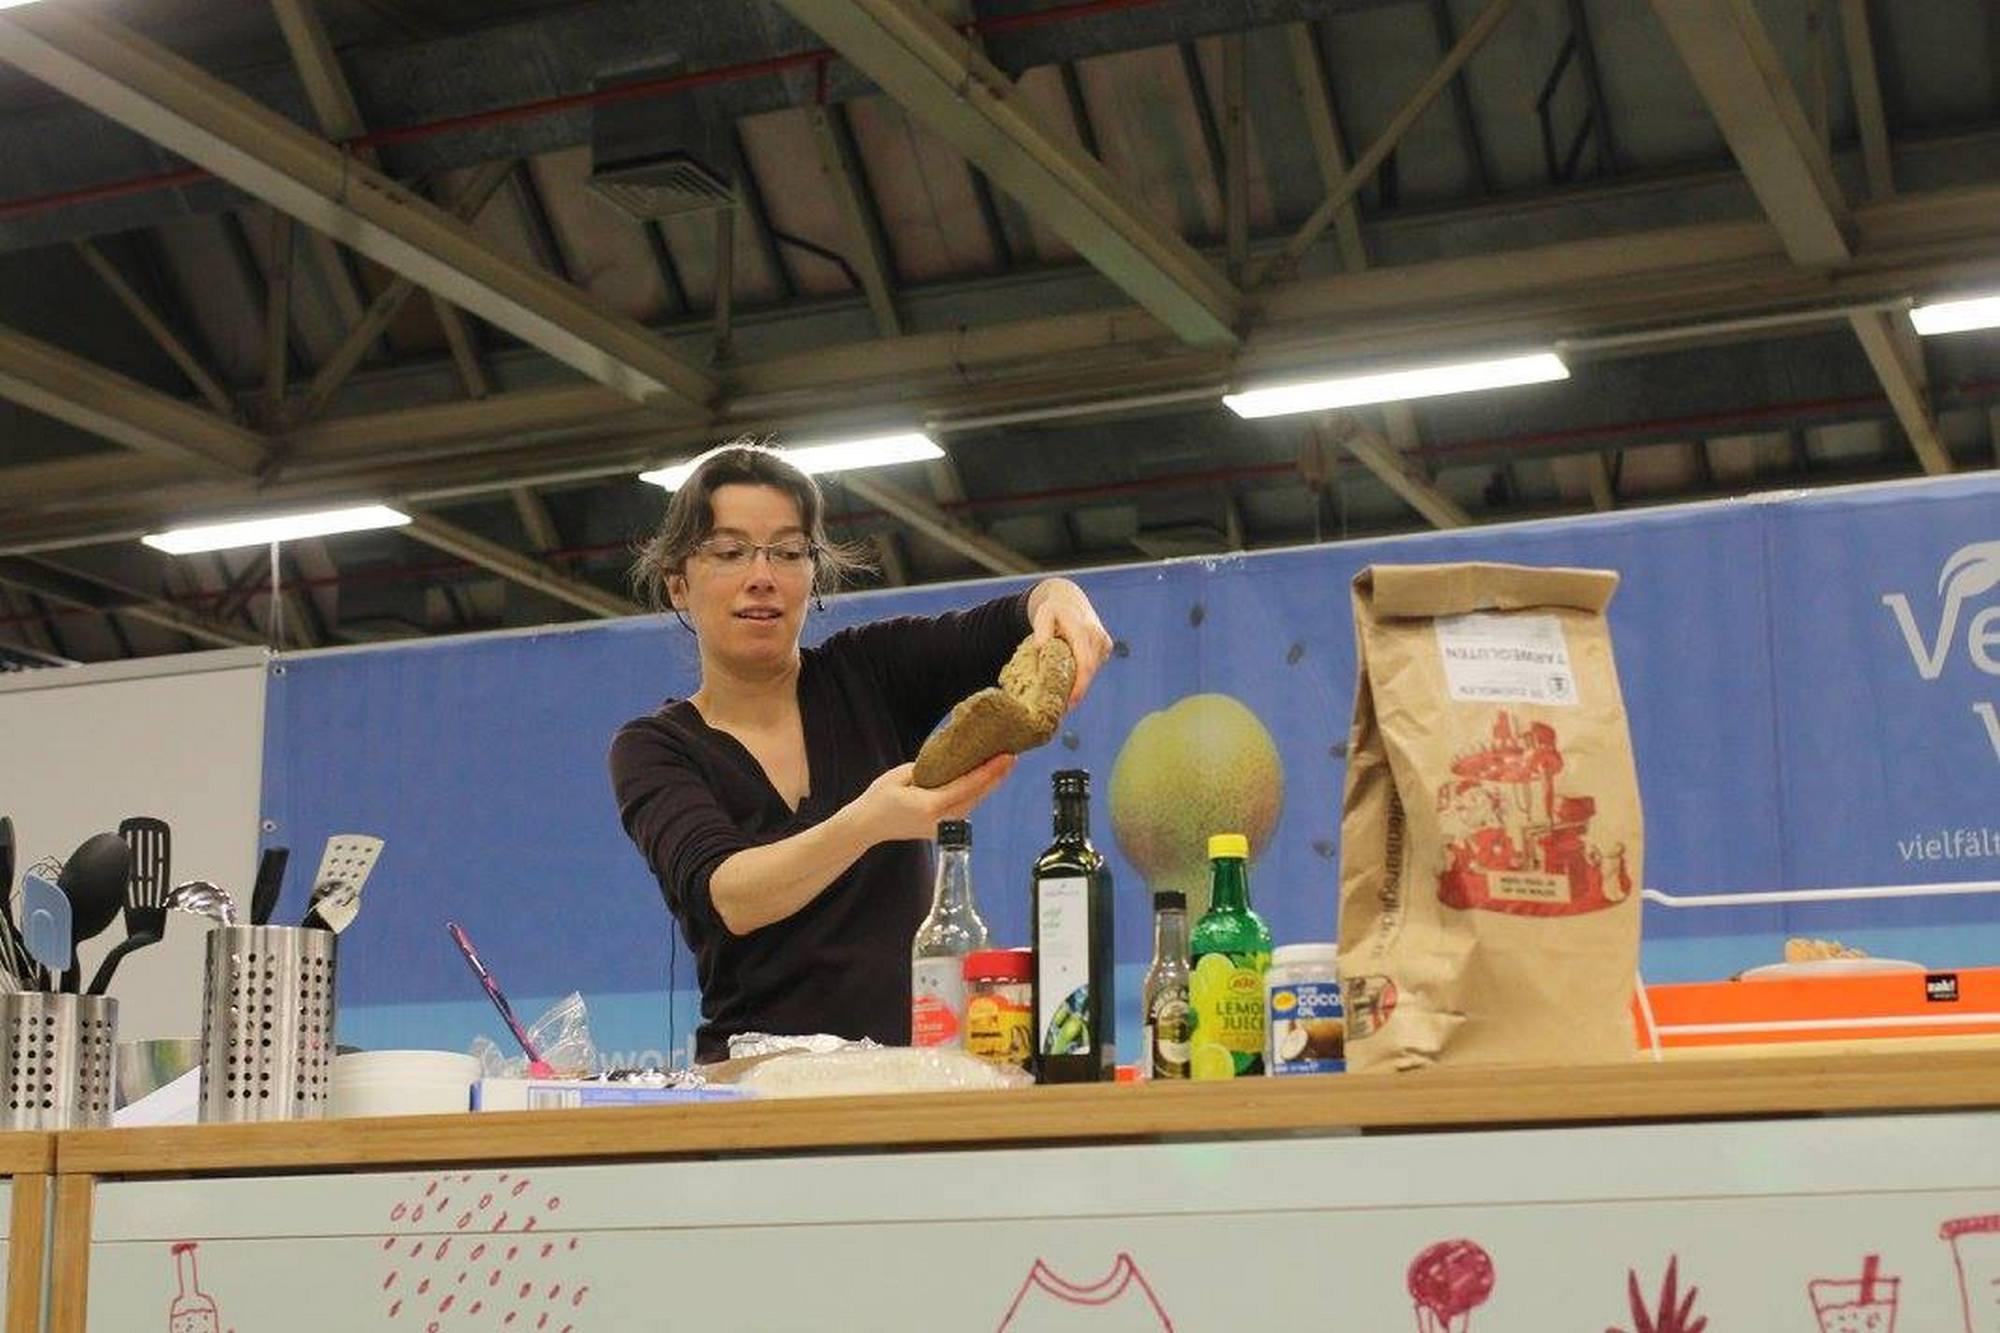 Seitan cooking demo (photo credit Dung Truong)